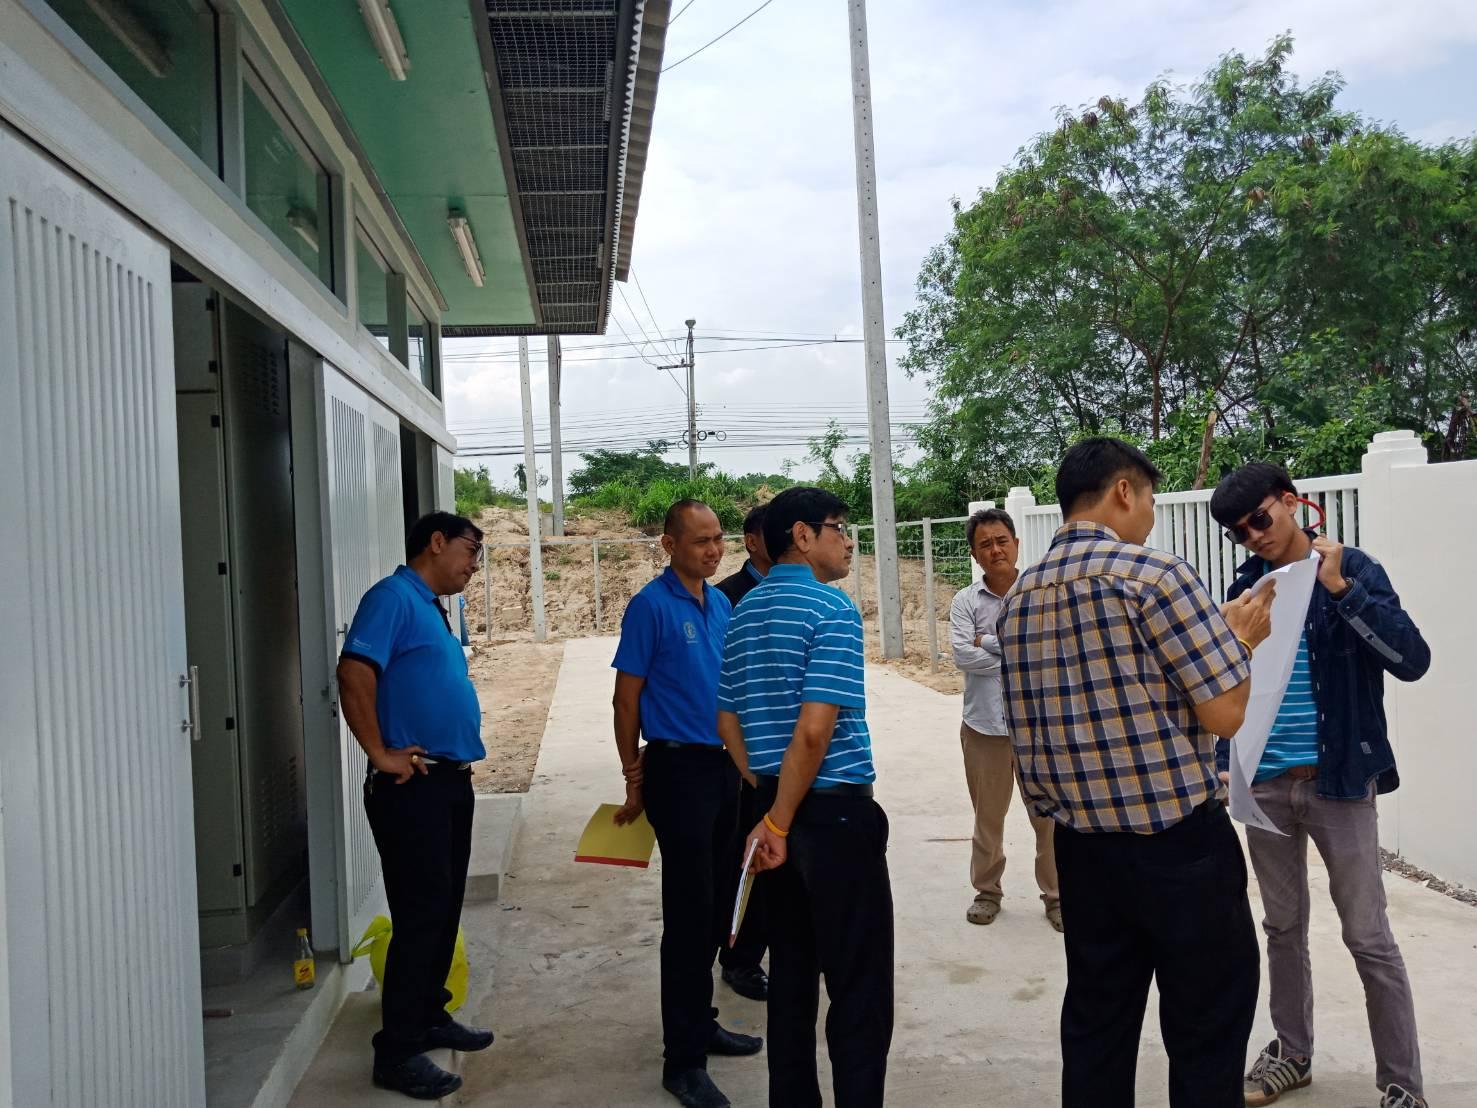 กปภ.สาขาพัทยา (พ) ตรวจรับงานการก่อสร้างสถานีจ่ายน้ำตาสิทธิ์